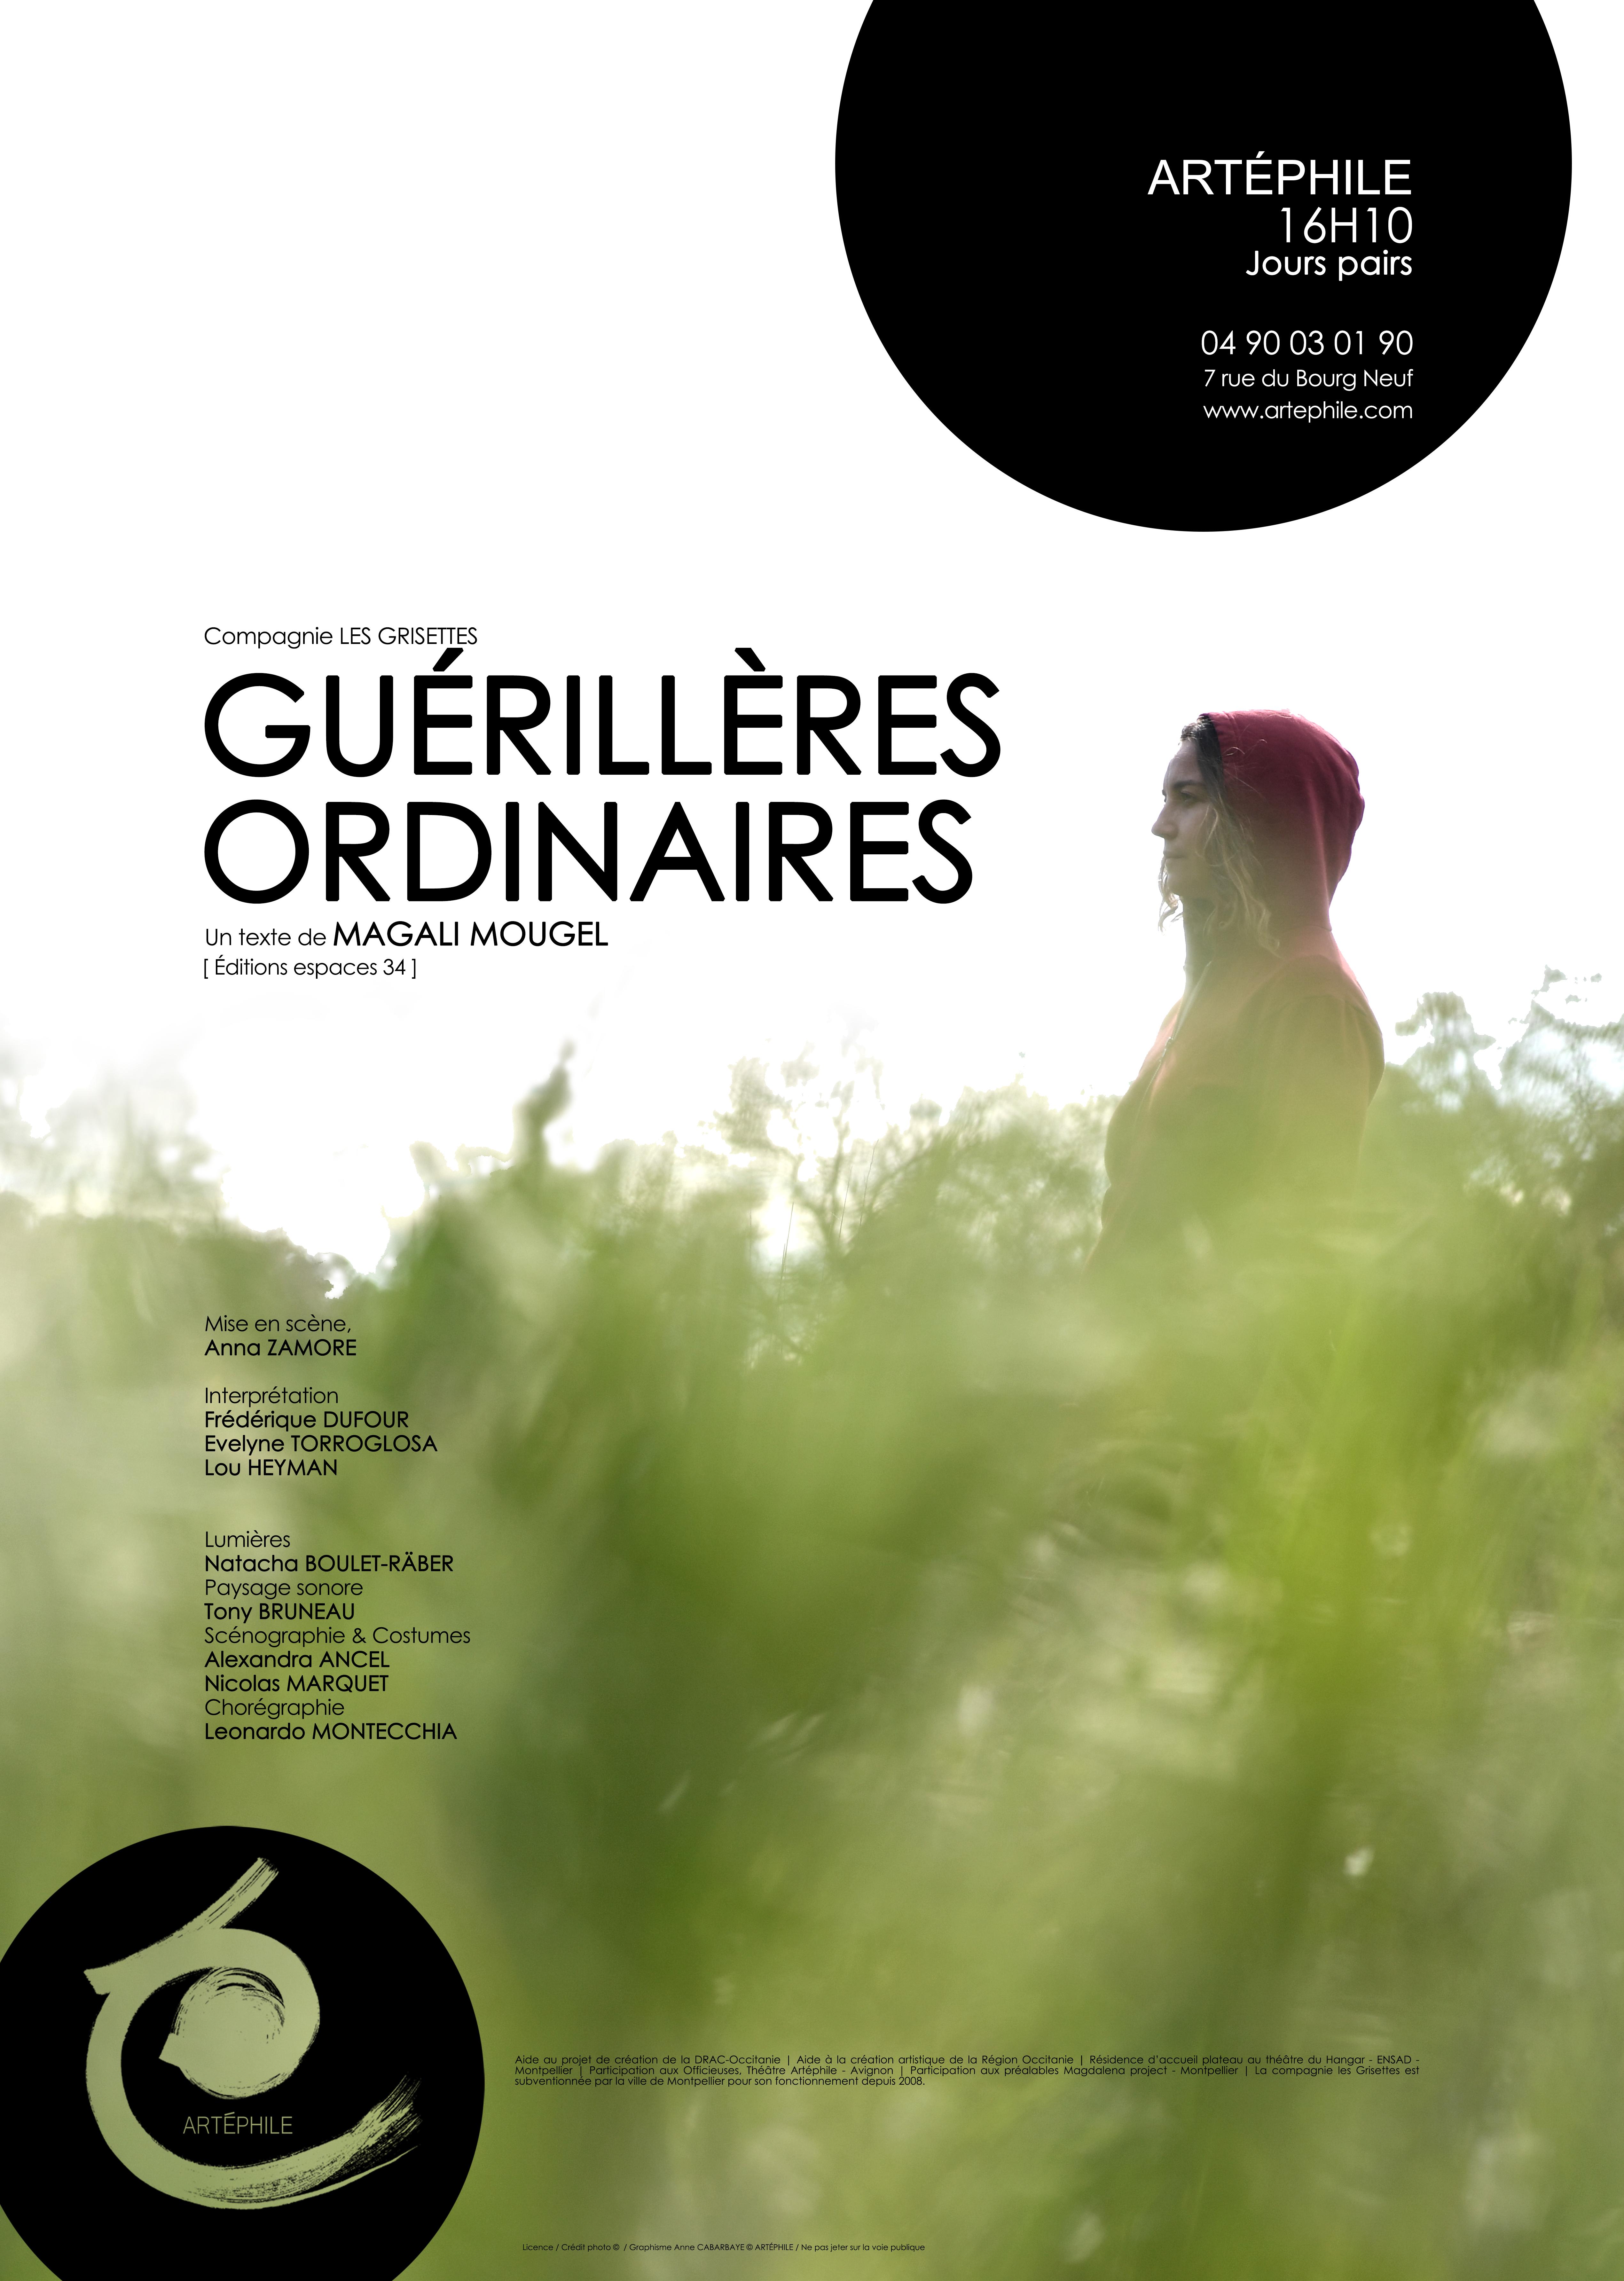 GUERILLERES ORDINAIRES                                             Avignon 21 // Diffusion